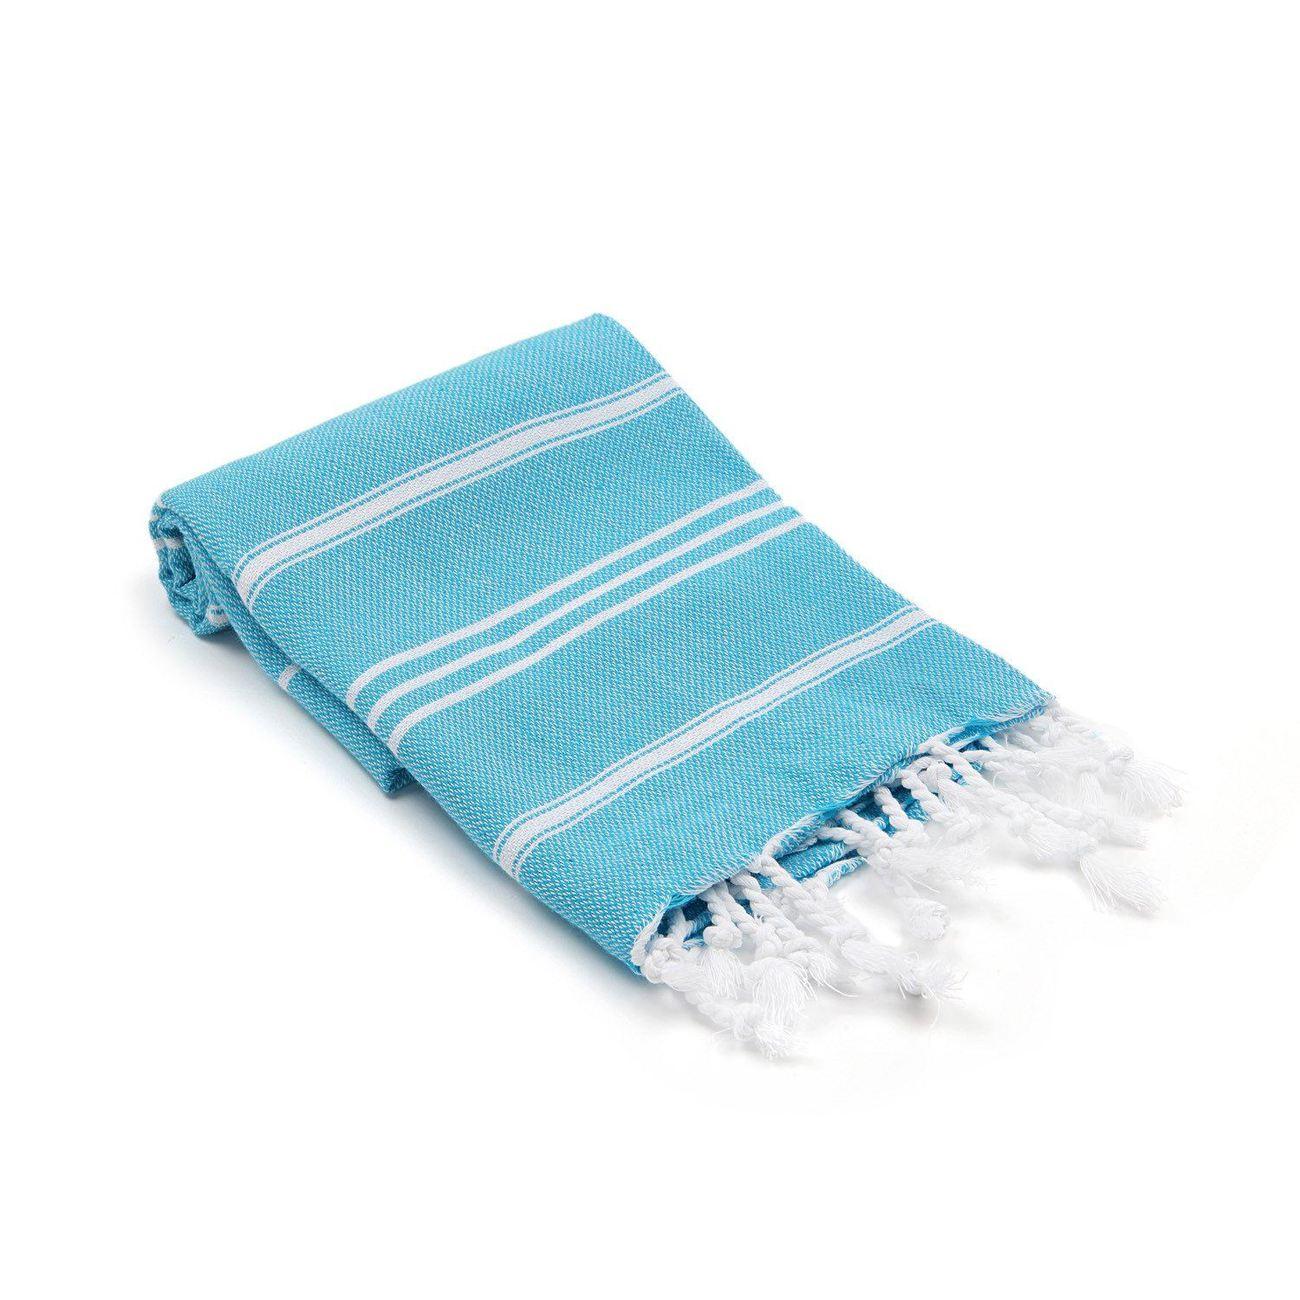 Olive and Linen Turkish Towels  - TurkishFashion.net